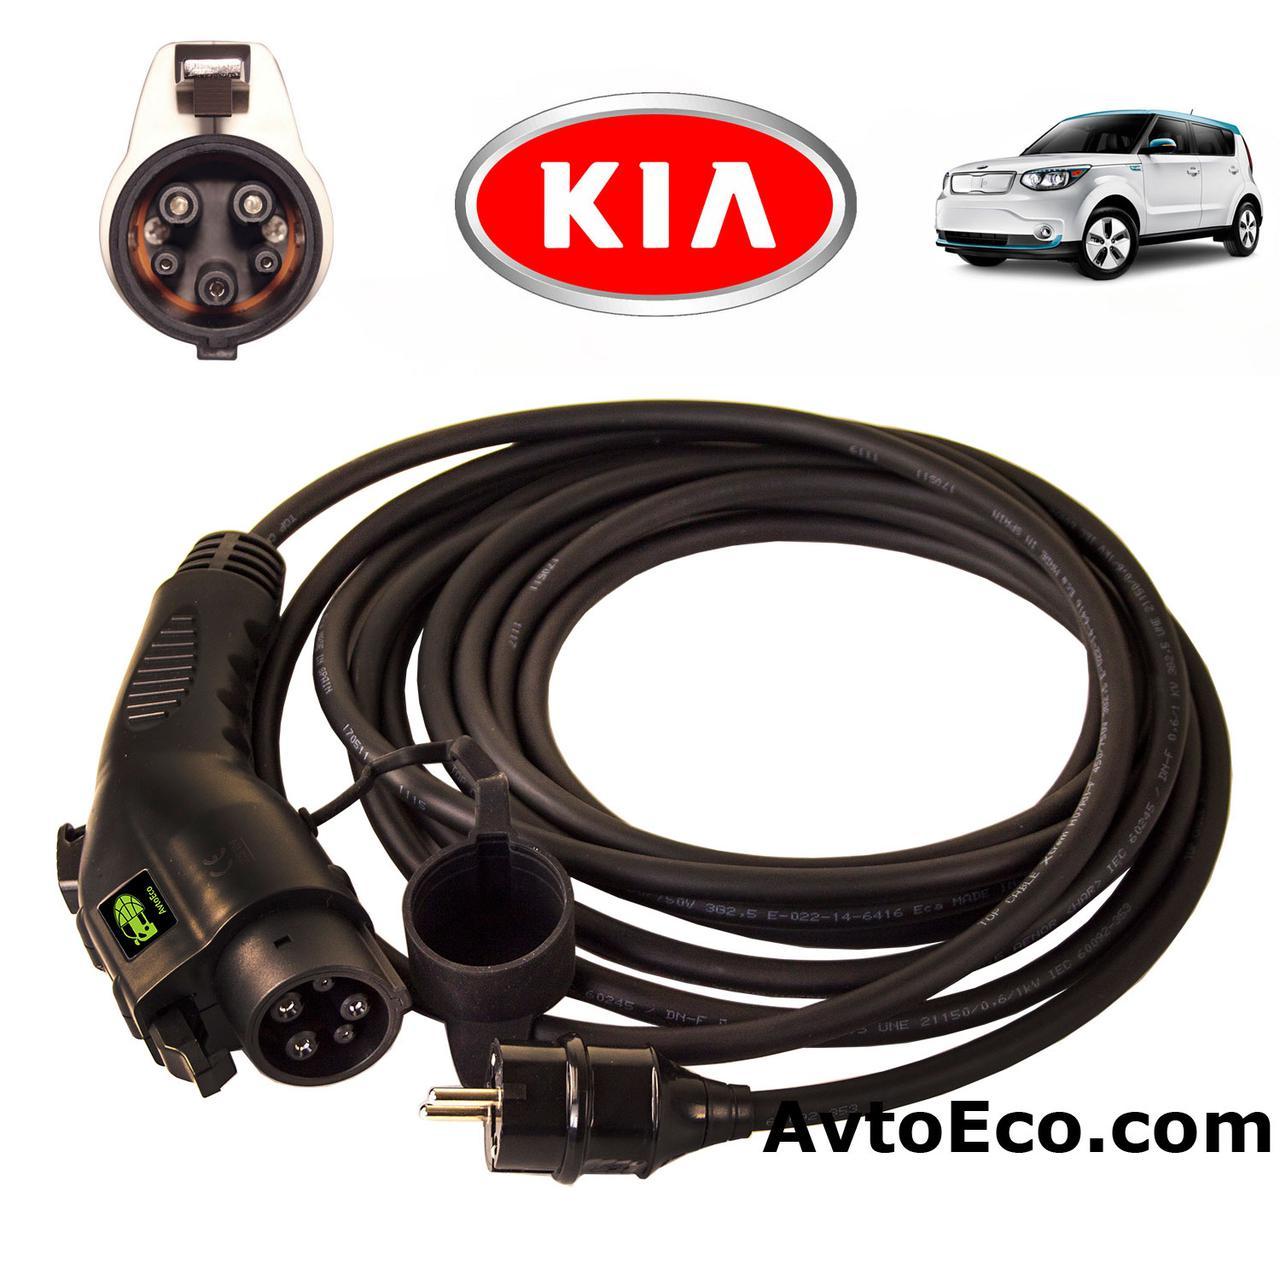 Зарядное устройство для электромобиля KIA Soul EV AutoEco J1772-16A